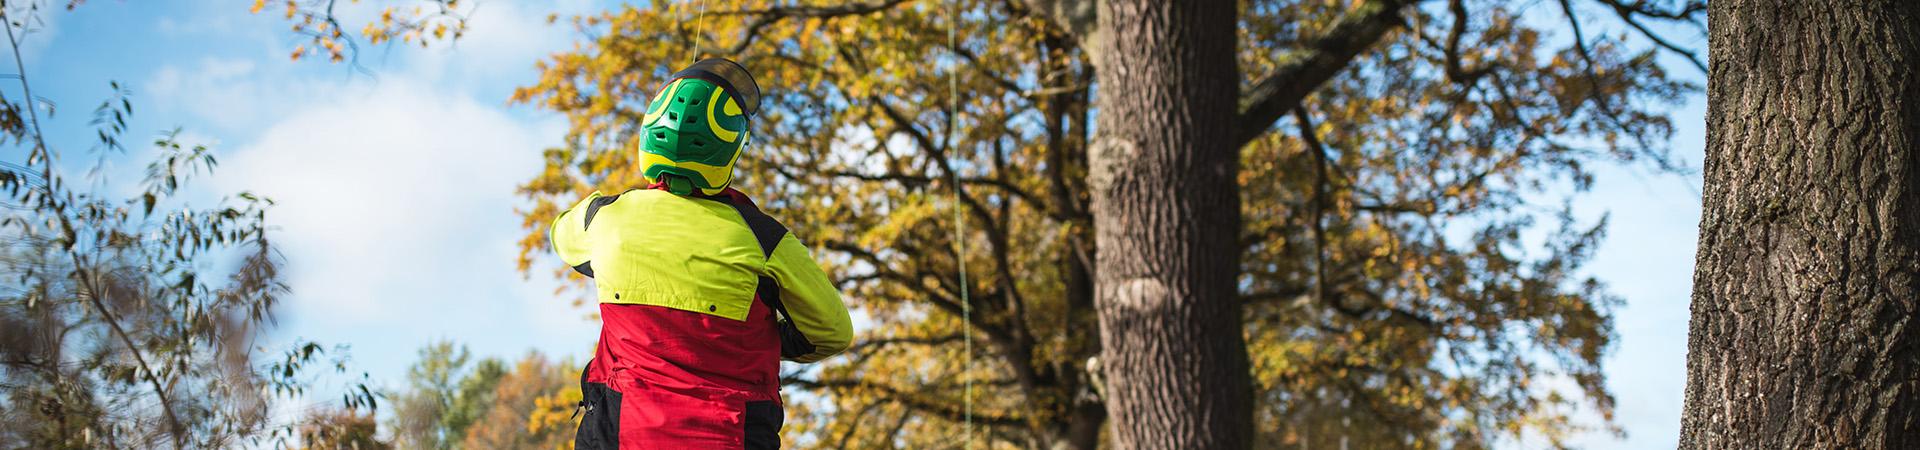 en trädvårdare med hjälm kastar upp en säkerhets lina i ett träd.